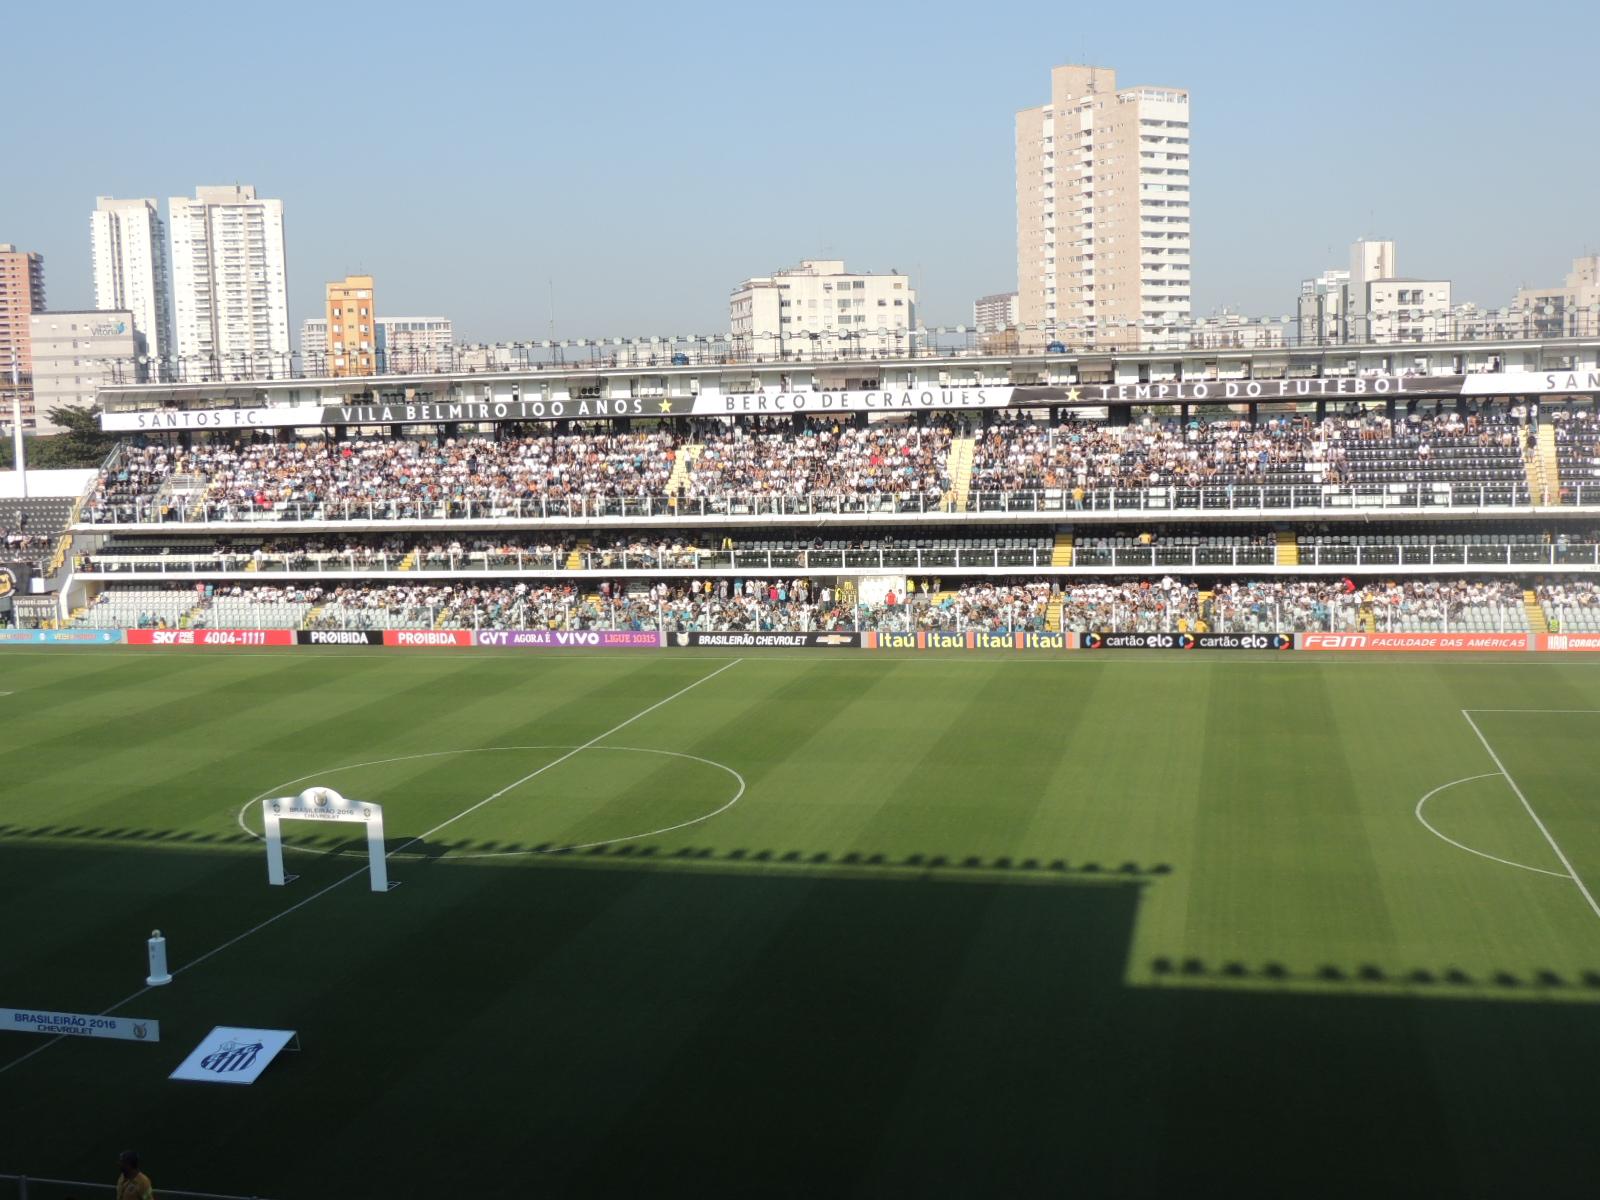 Santos vende ingressos para jogo de manhã contra o Figueirense 7c154ec850ae4